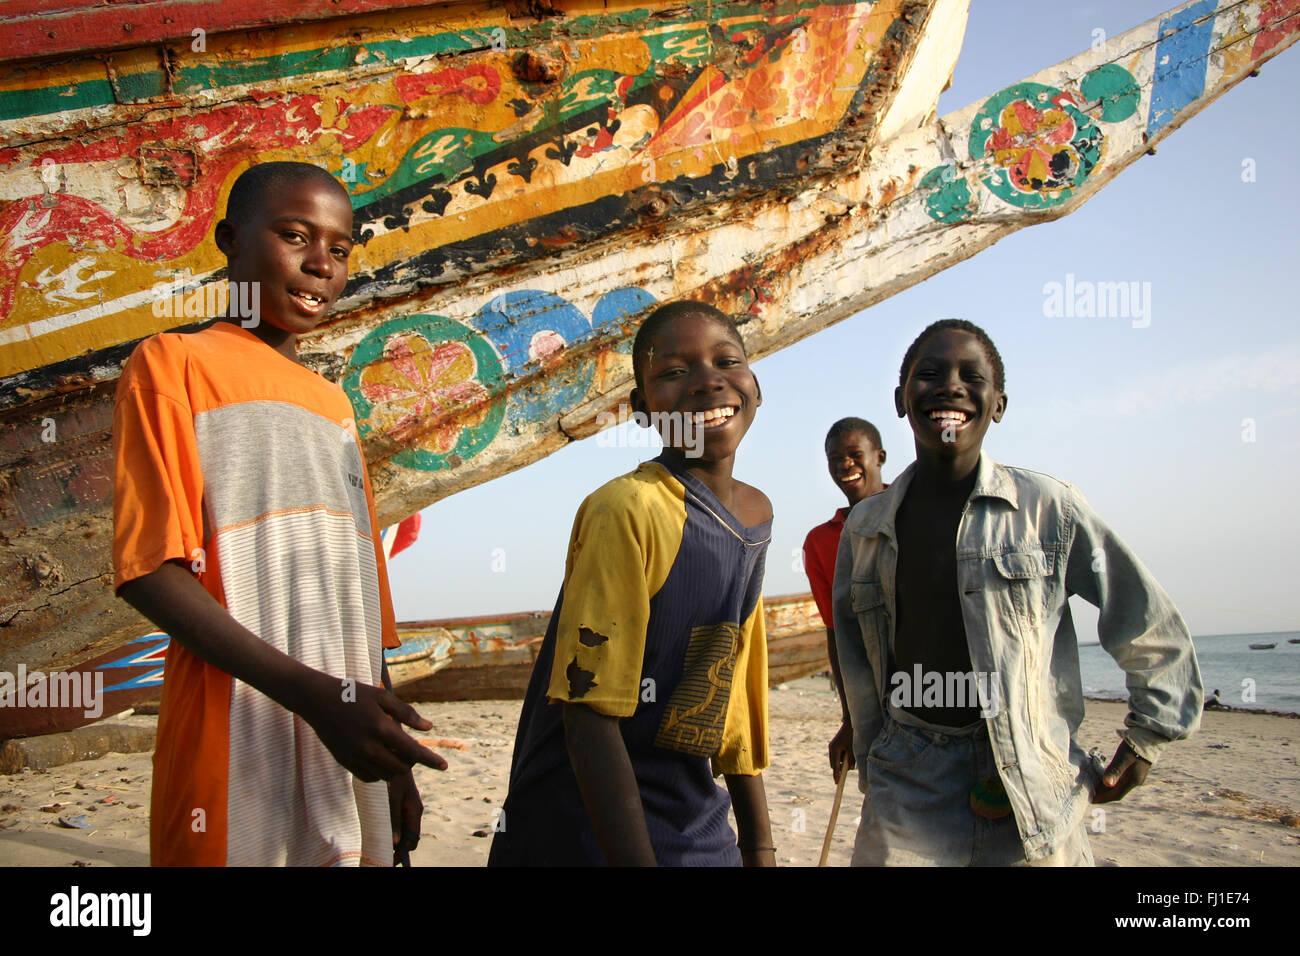 Bambini I bambini in posa sulla spiaggia di Joal-fadiouth , Senegal , di fronte ad una tradizionale barca dipinta Immagini Stock